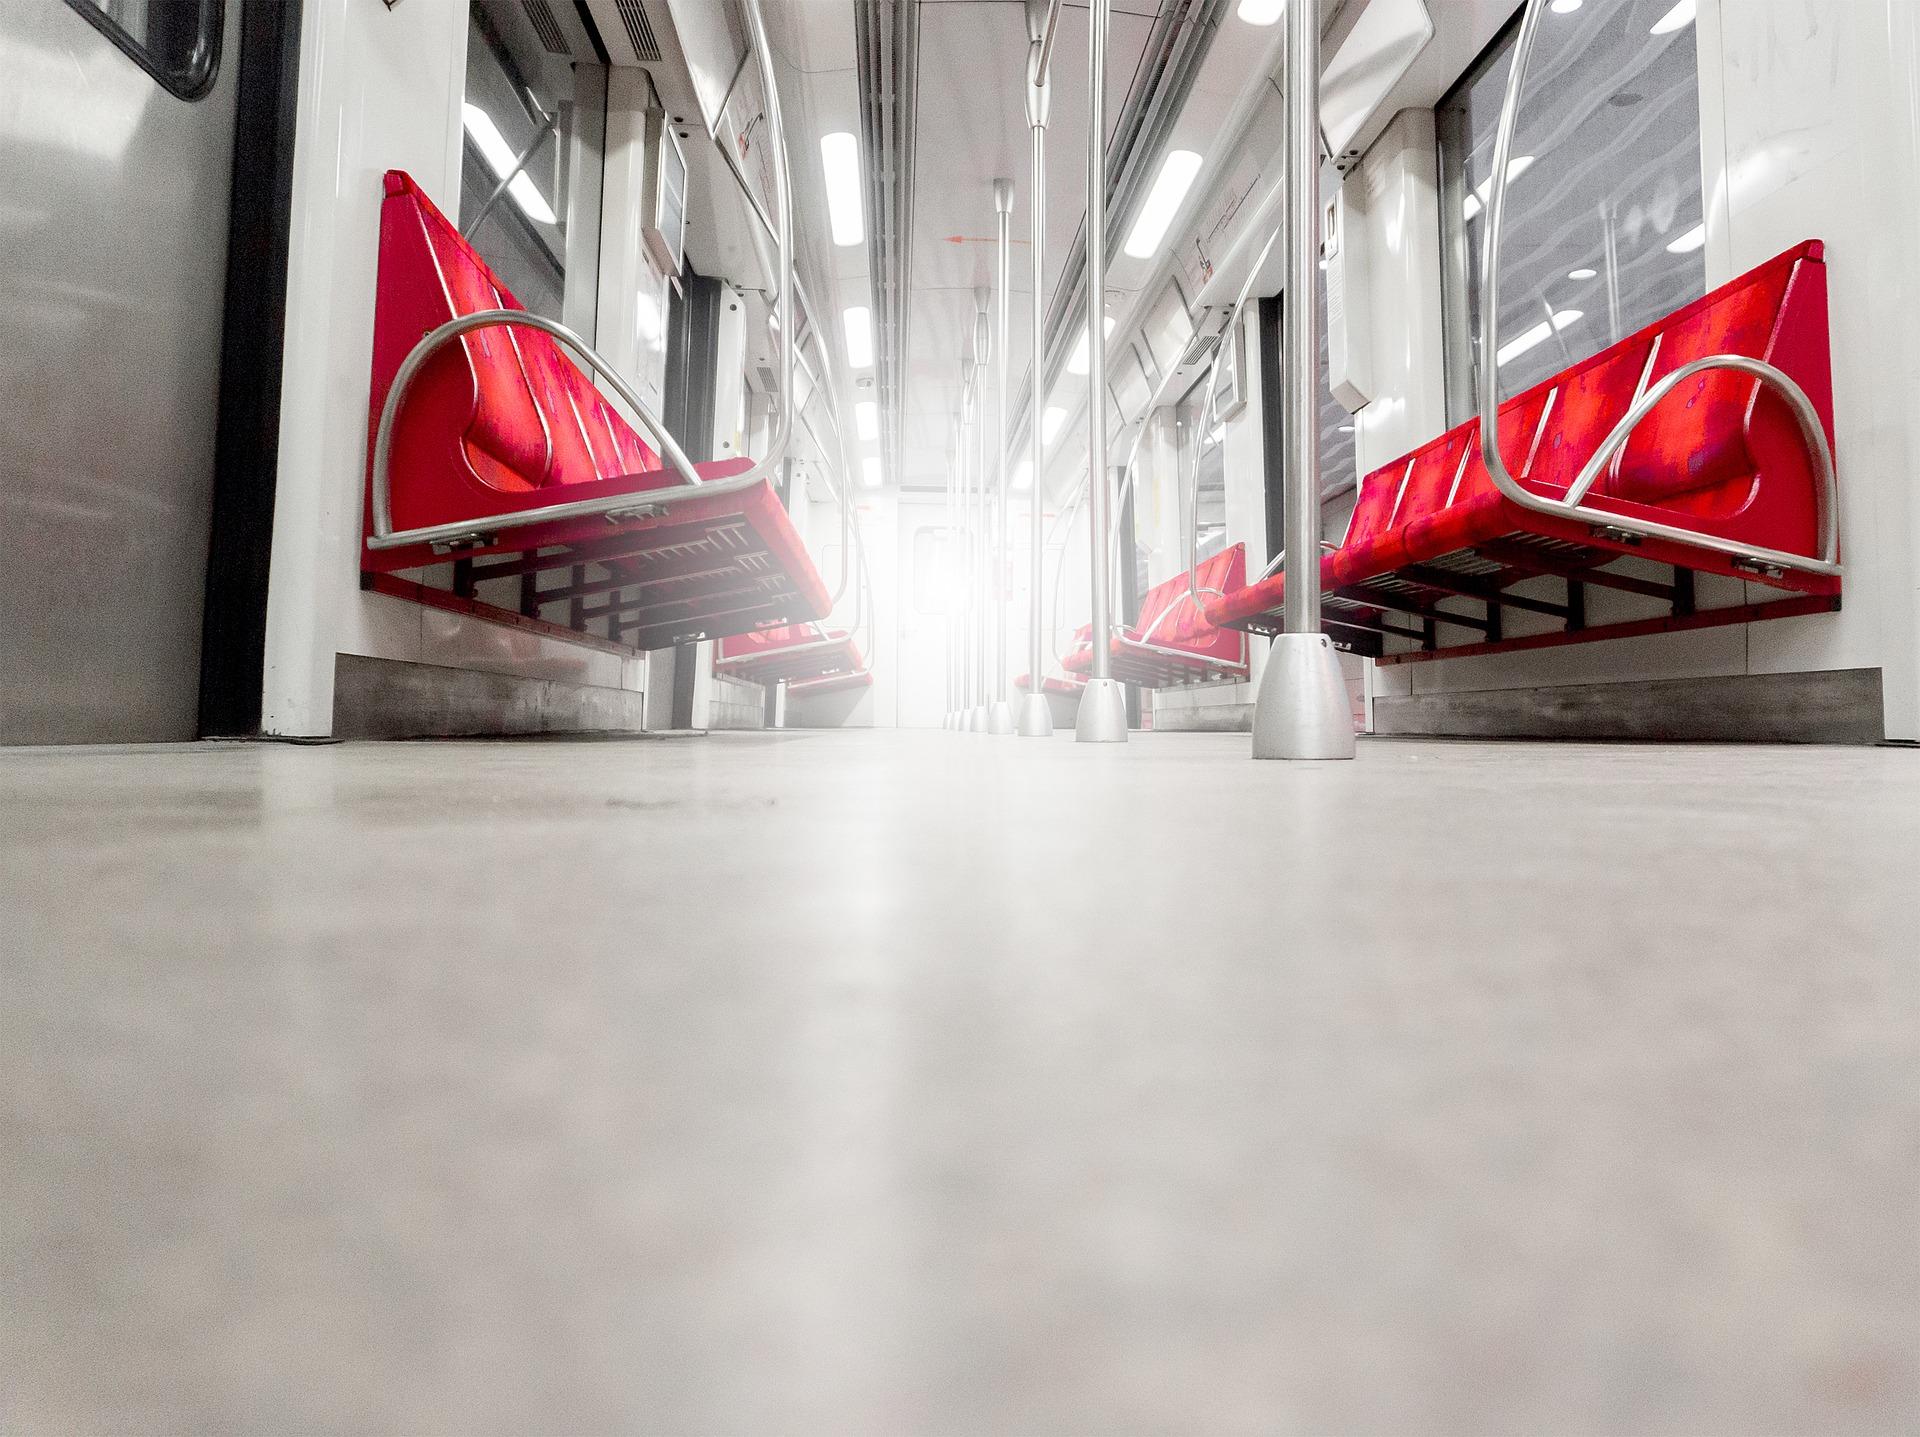 Metro || Foto: Tero Vesalainenvia pixabay